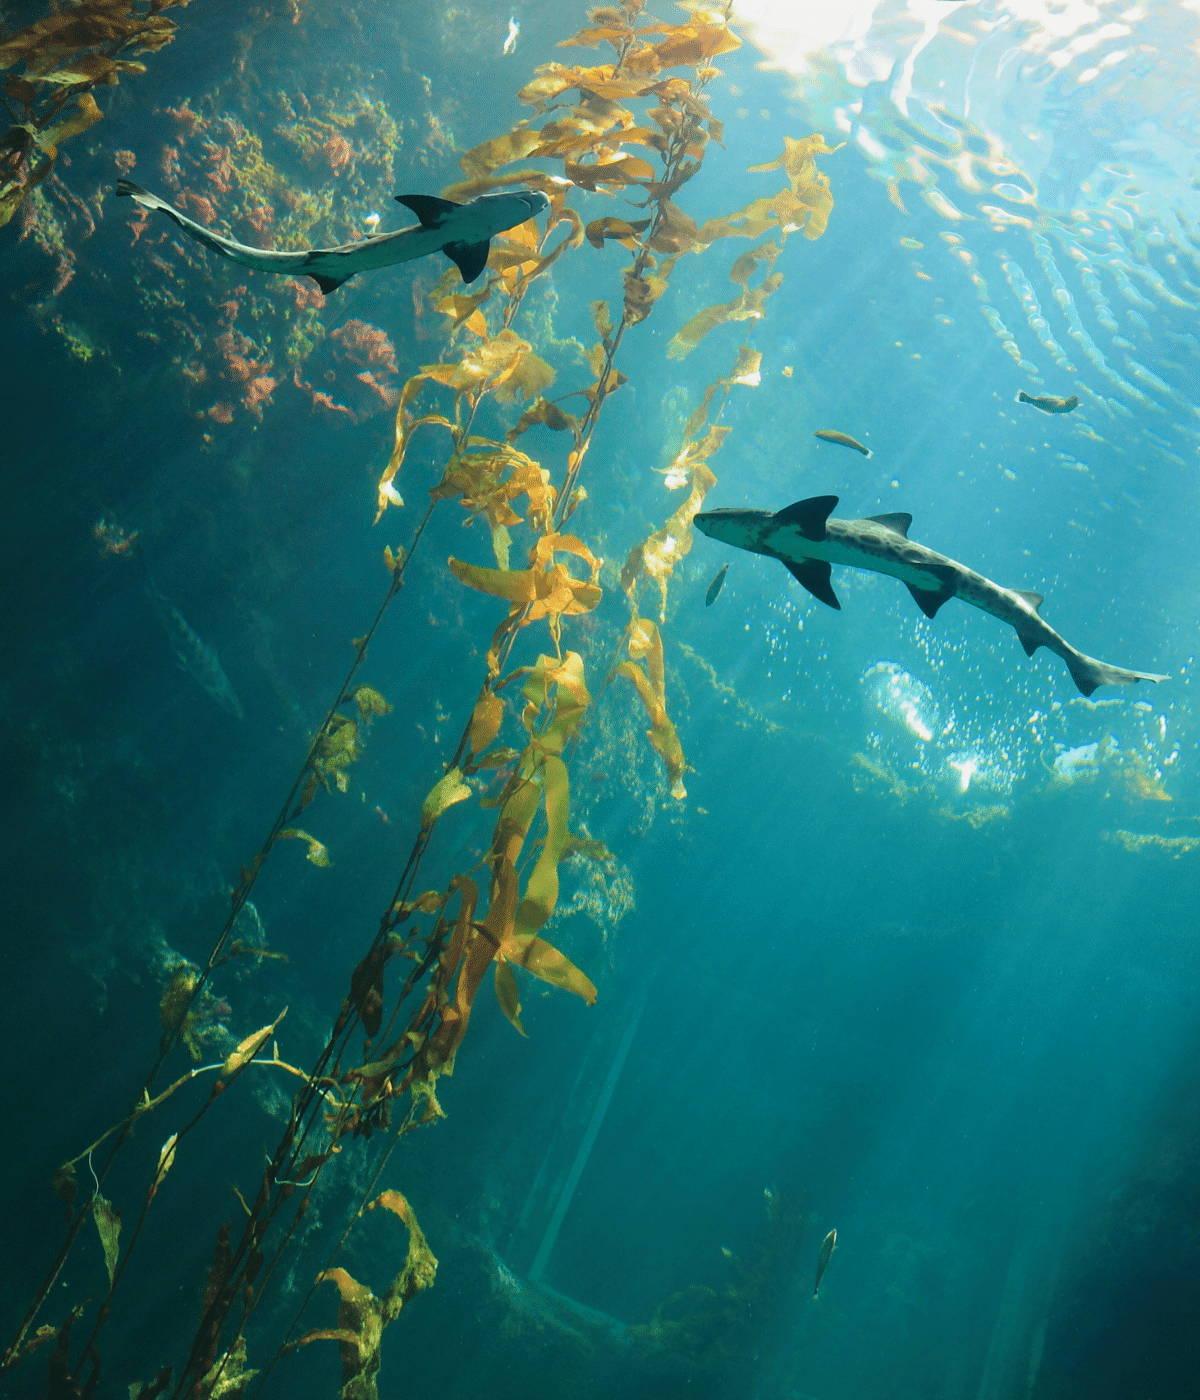 Algae growing in the ocean